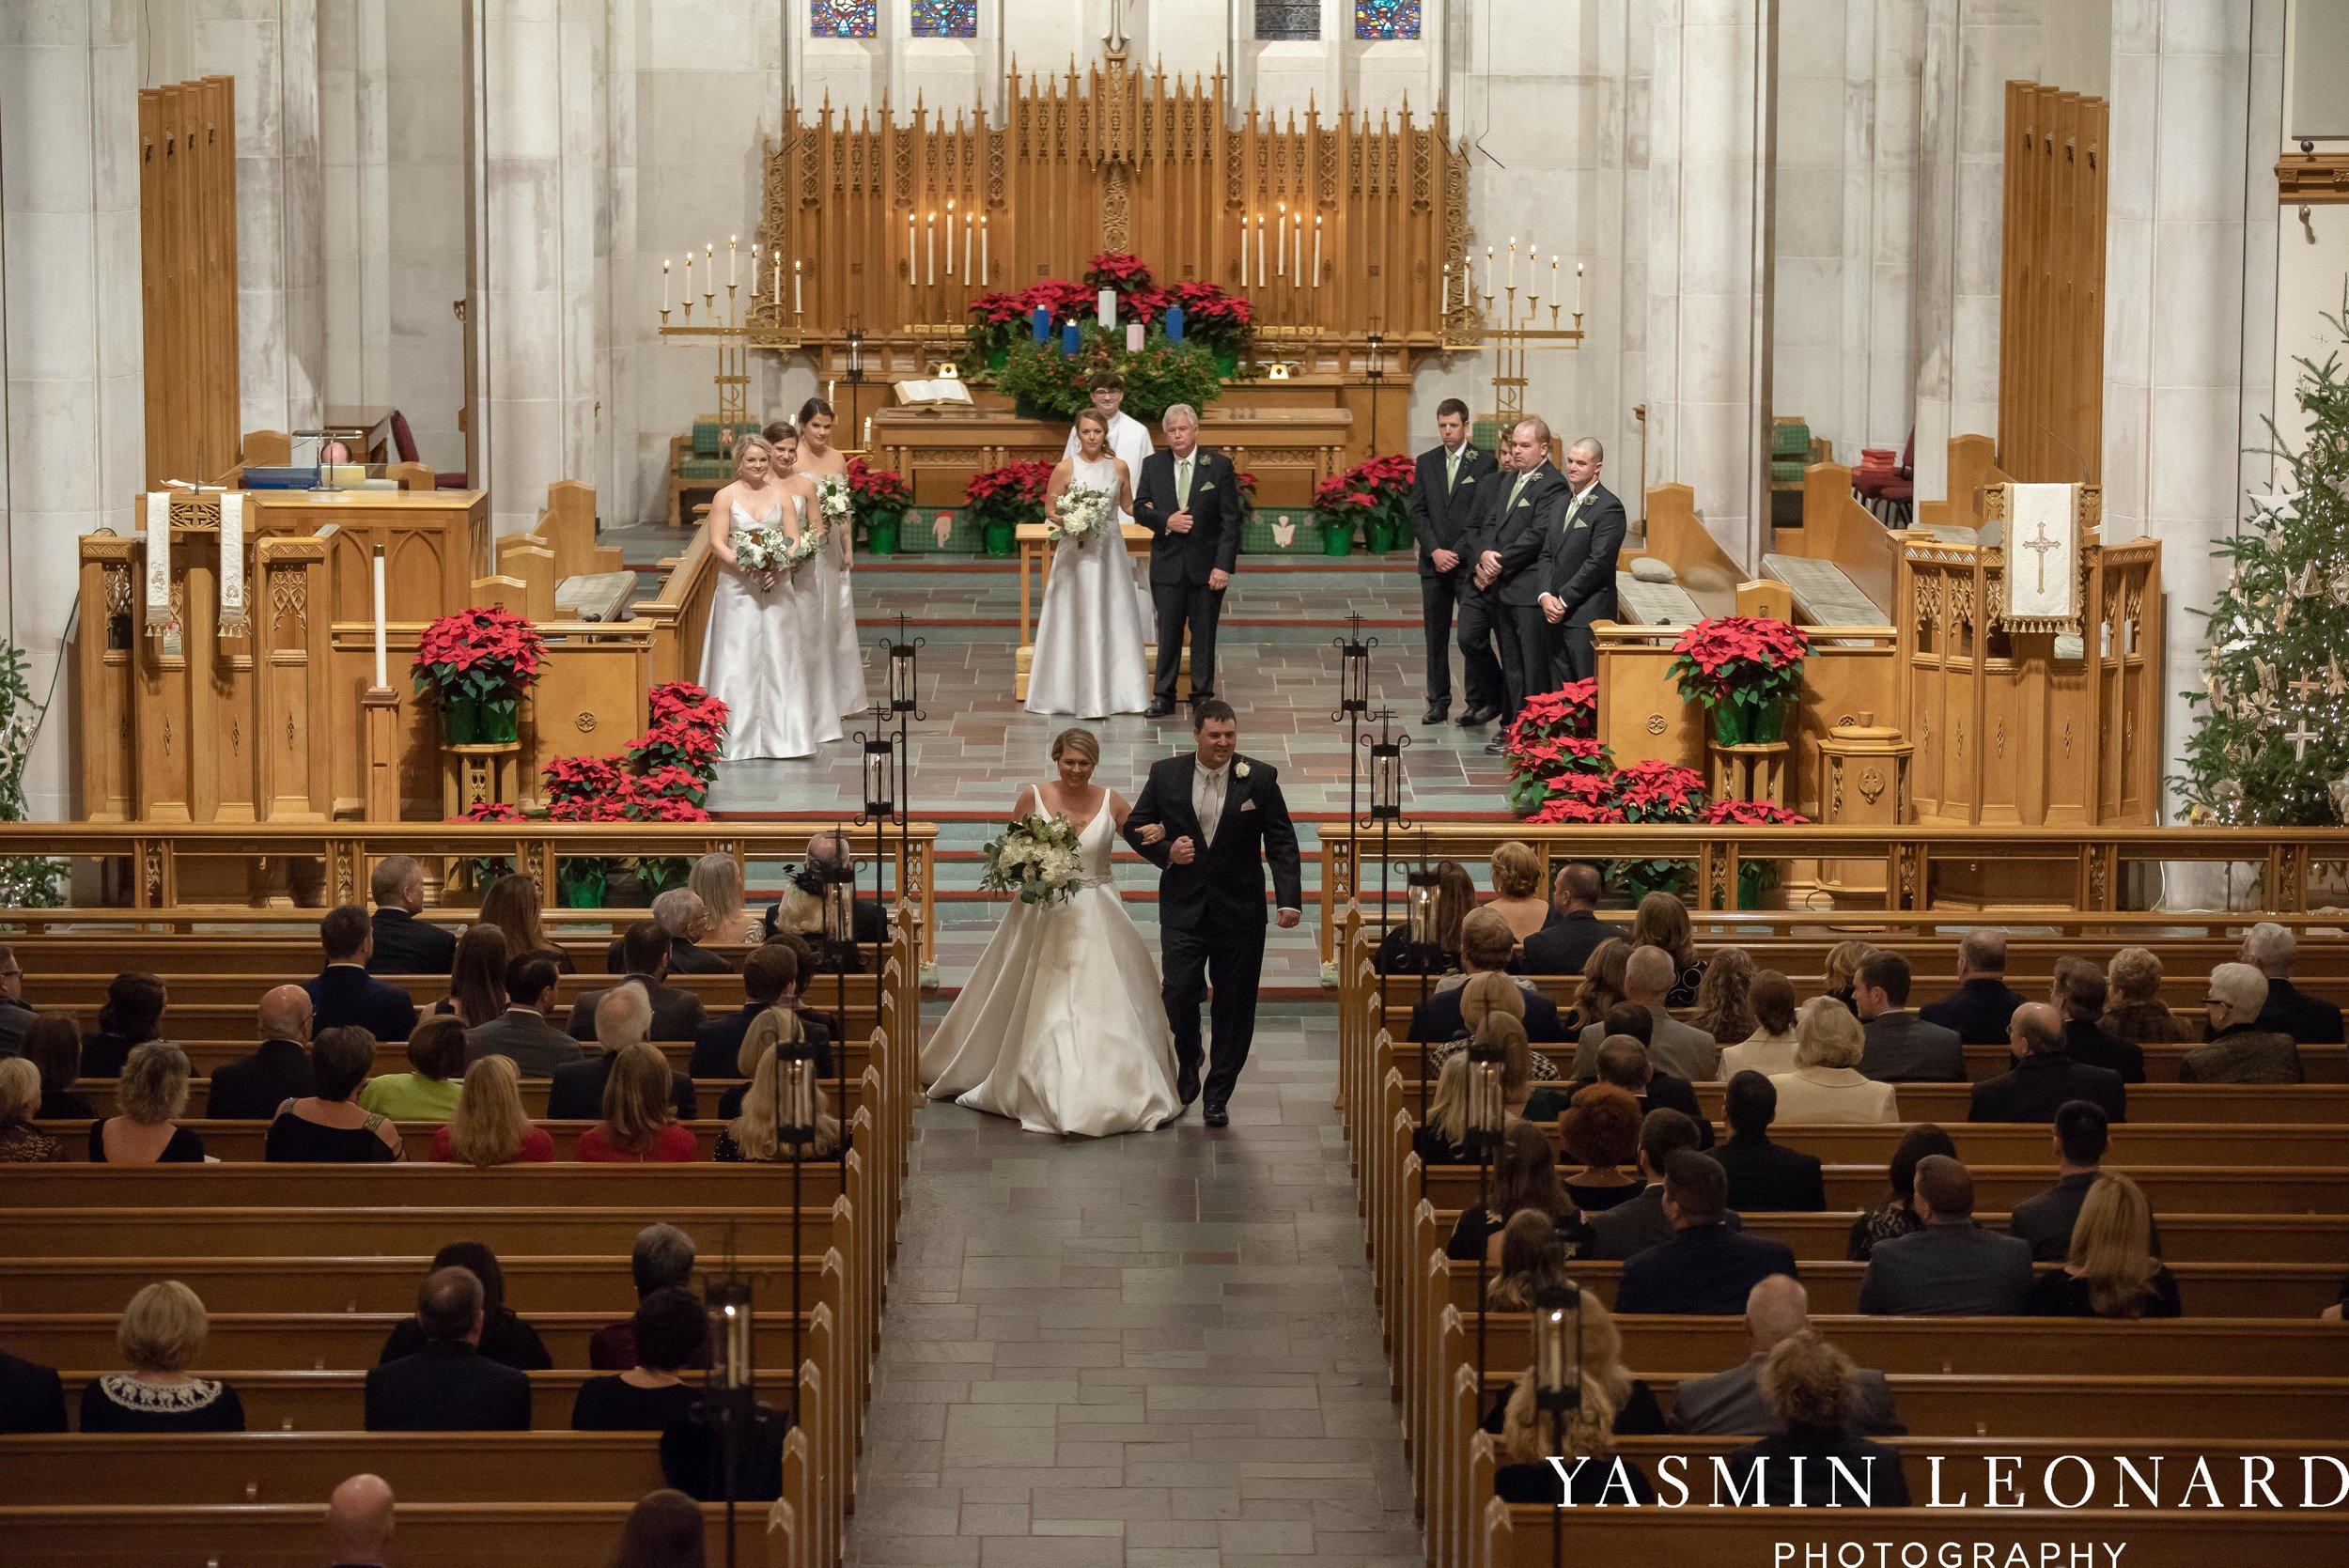 Adaumont Farm - Wesley Memorial Weddings - High Point Weddings - Just Priceless - NC Wedding Photographer - Yasmin Leonard Photography - High Point Wedding Vendors-37.jpg